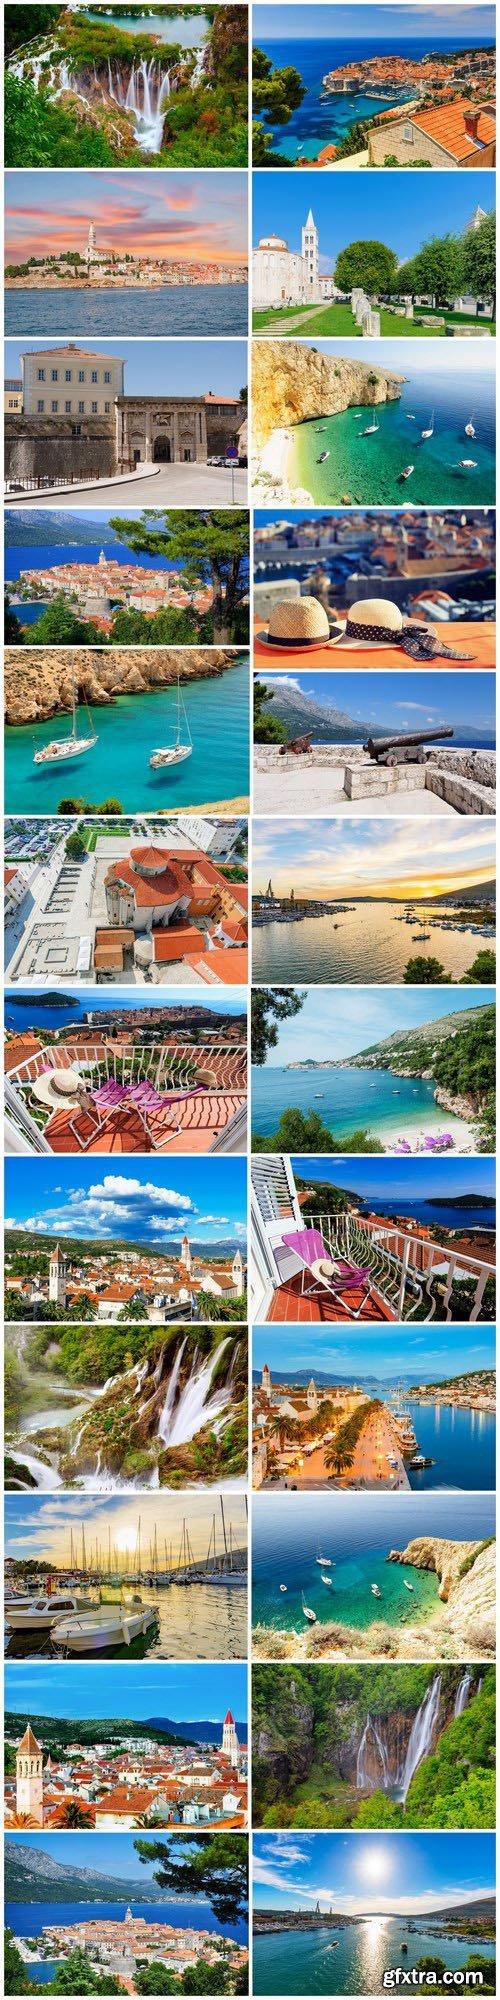 Vacation in Croatia 2 - 24xUHQ JPEG